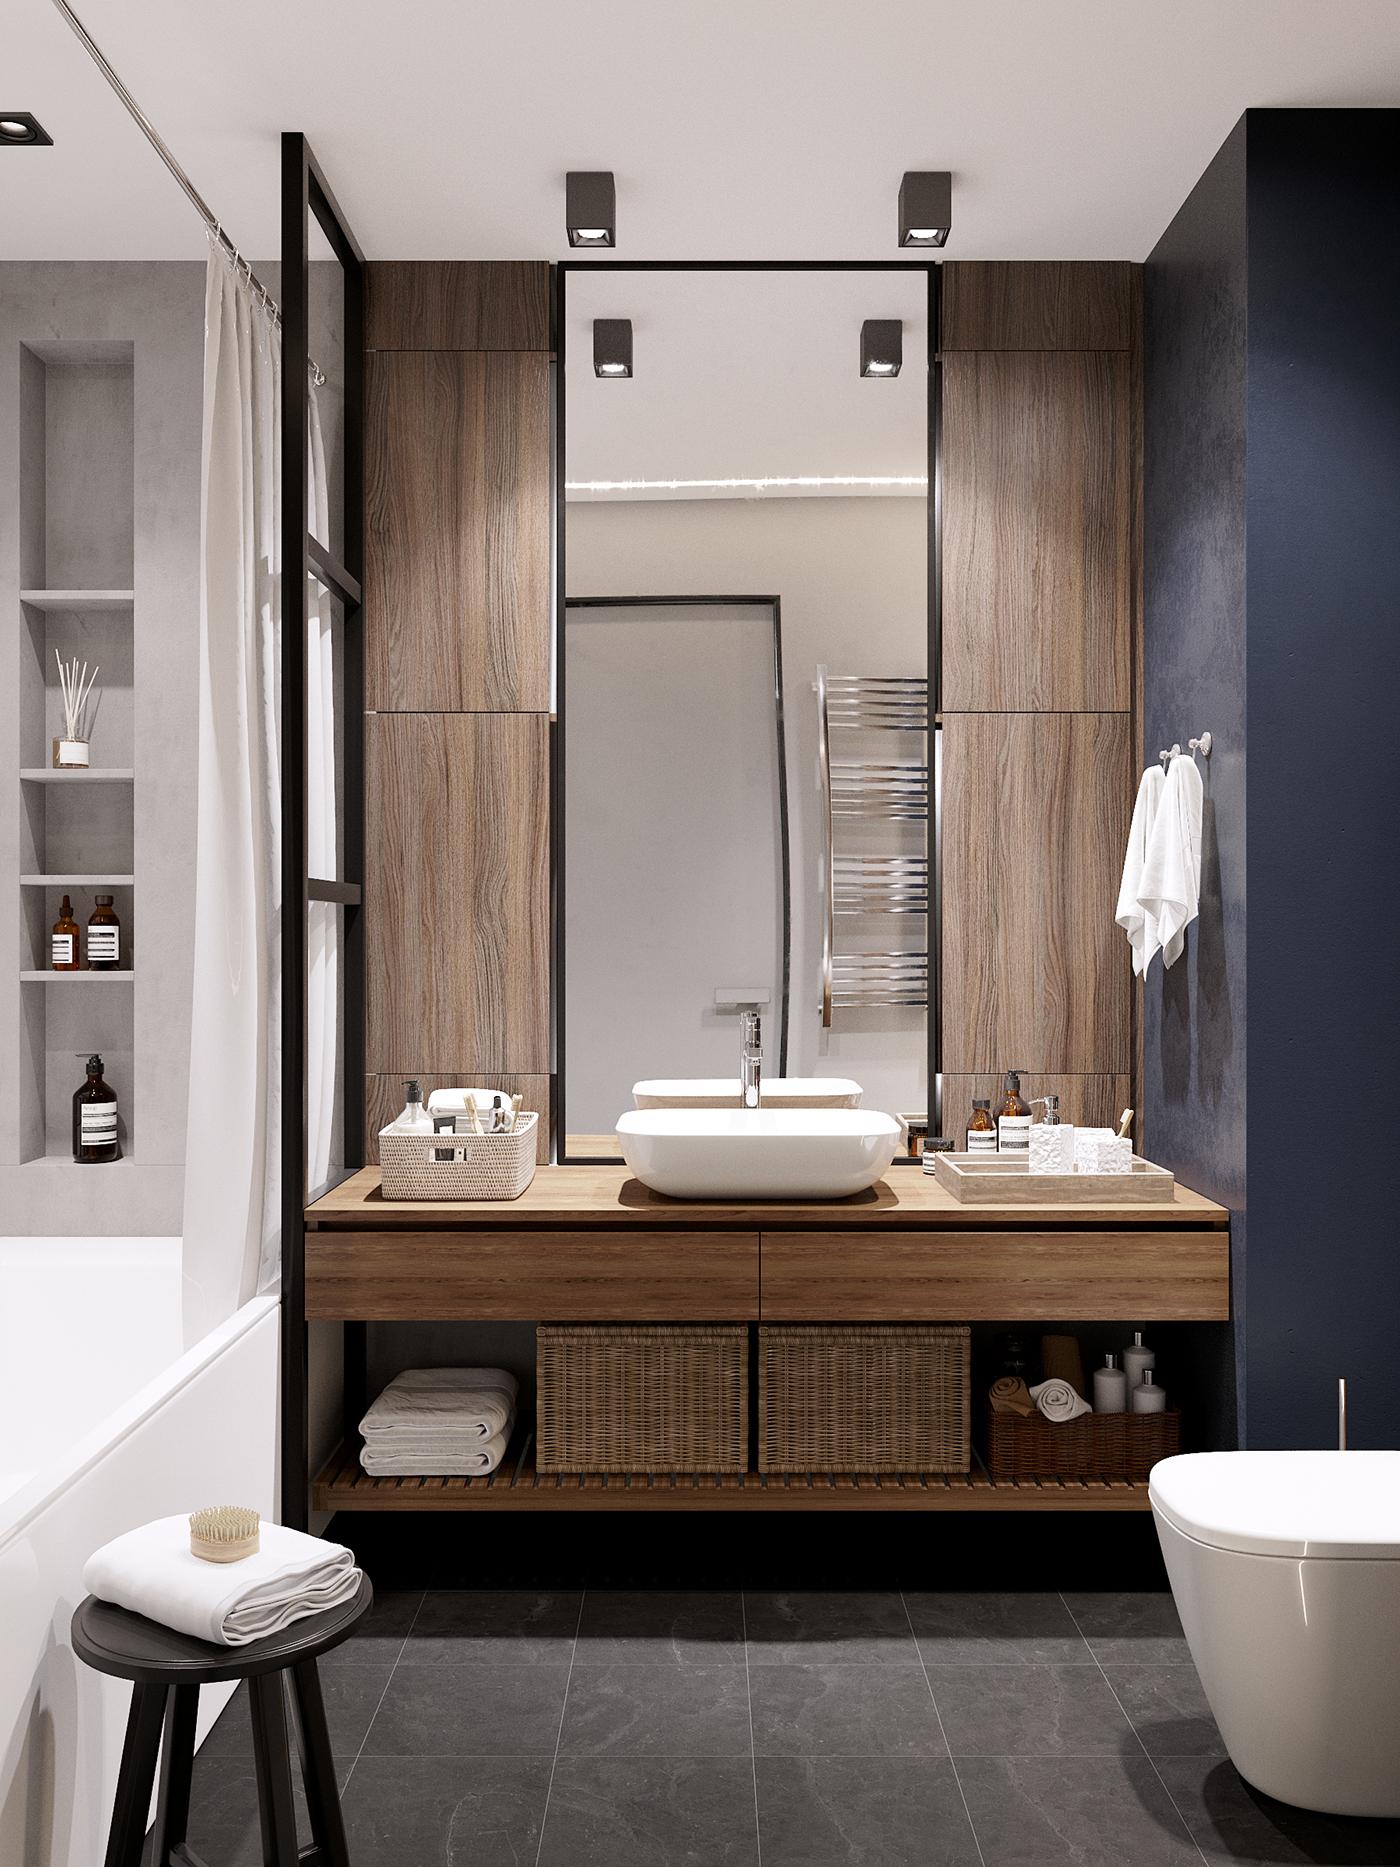 Deze kleine badkamer heeft een super leuk ontwerp gekregen ...